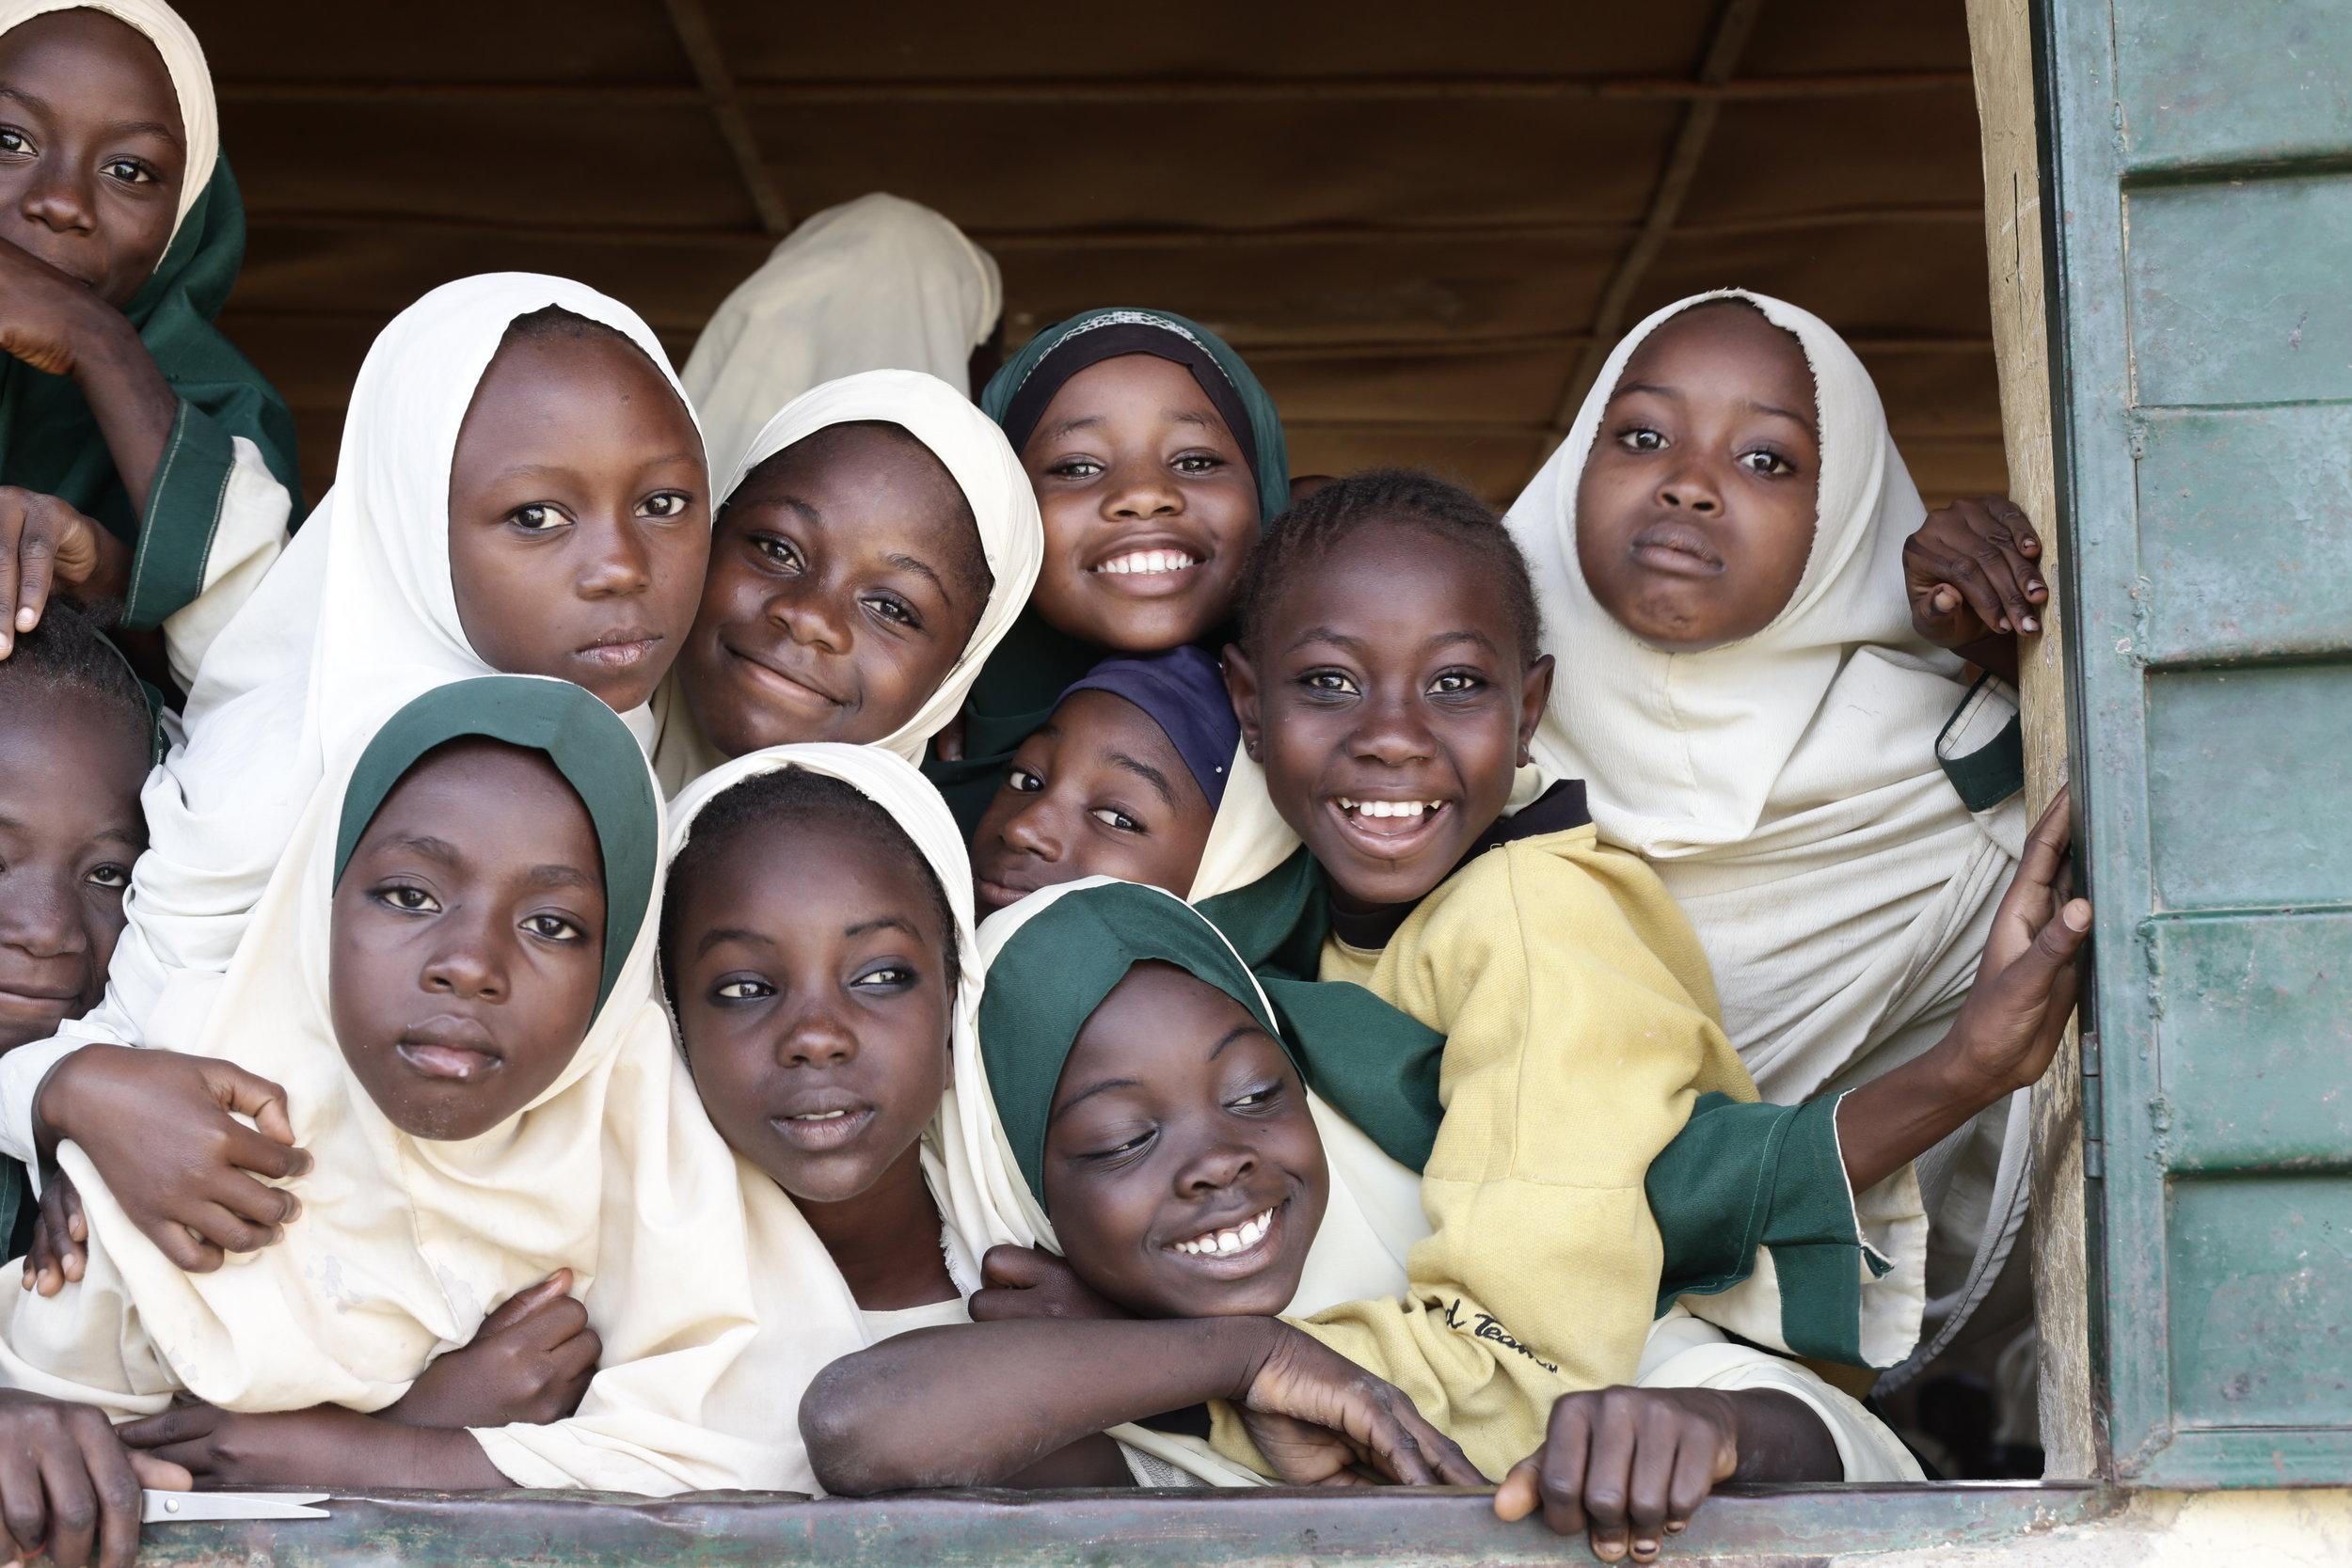 IMG_2910_window full of smiling girls.jpg